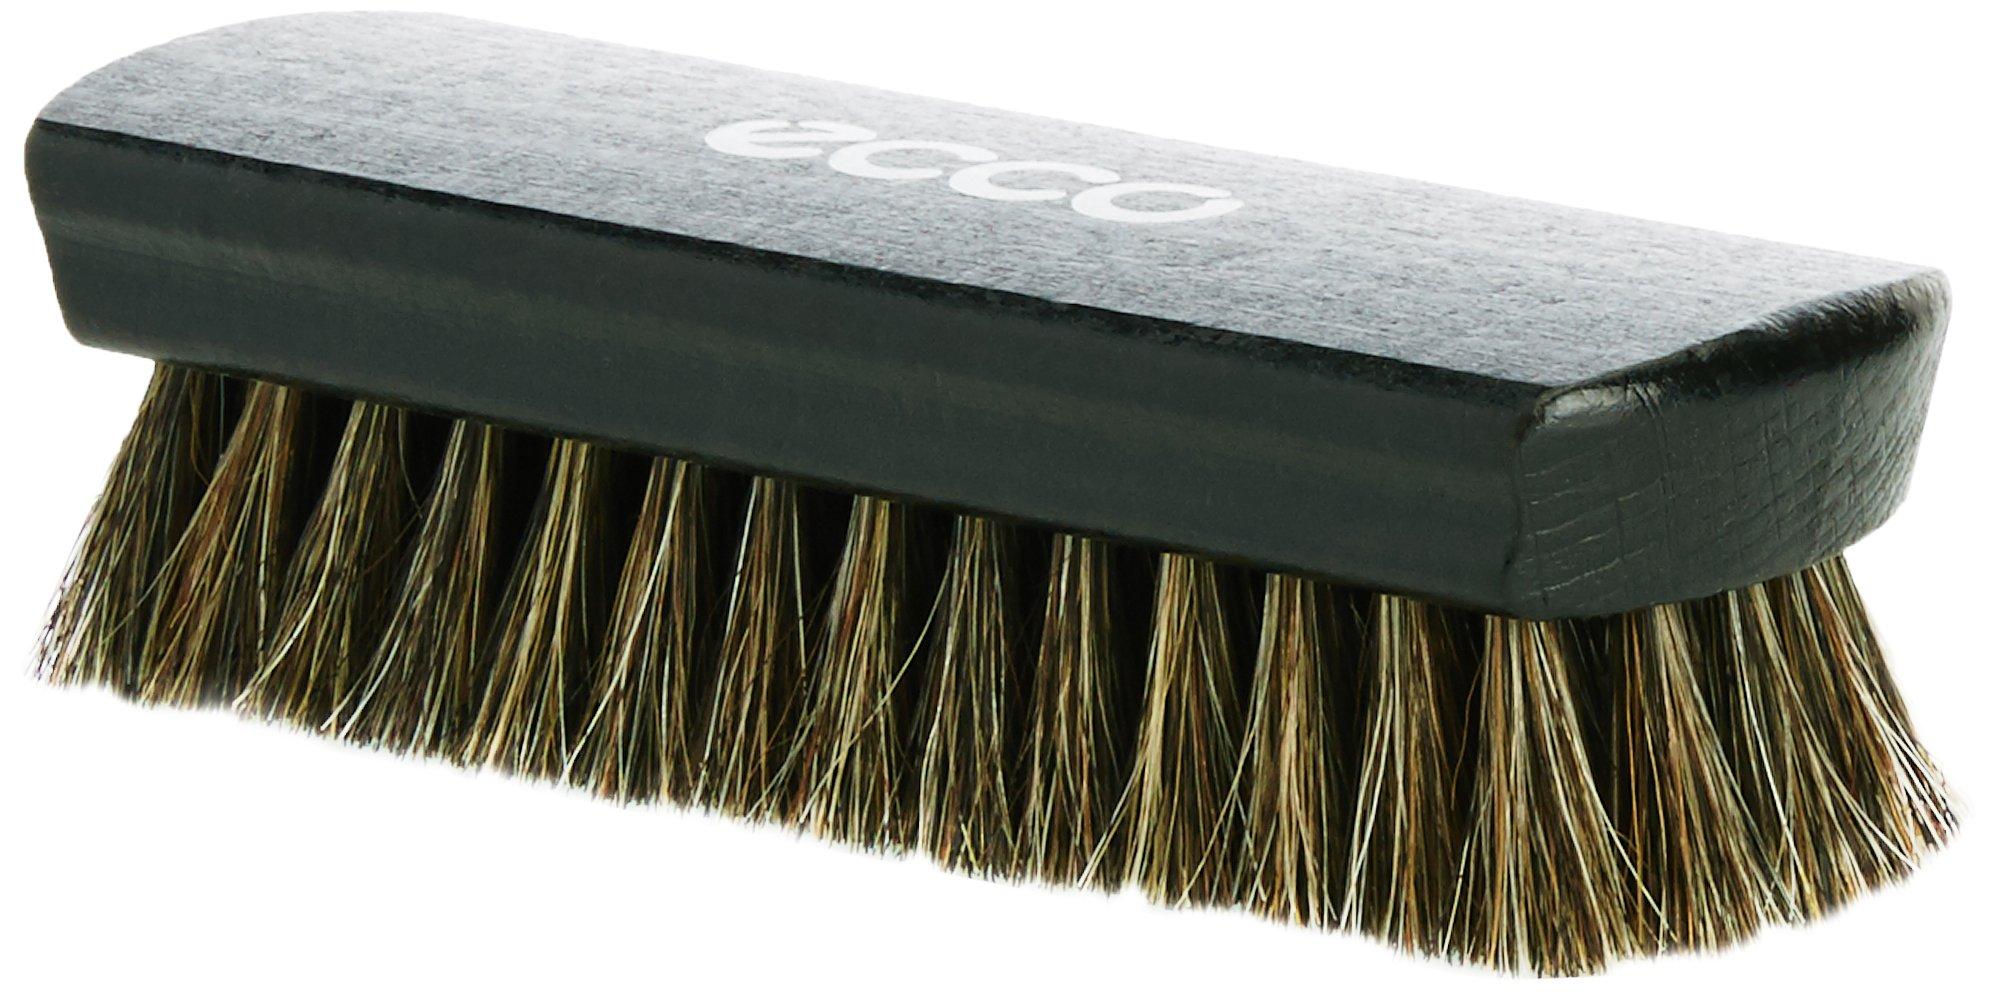 ECCO 男女通用成人鞋 Shine Brush